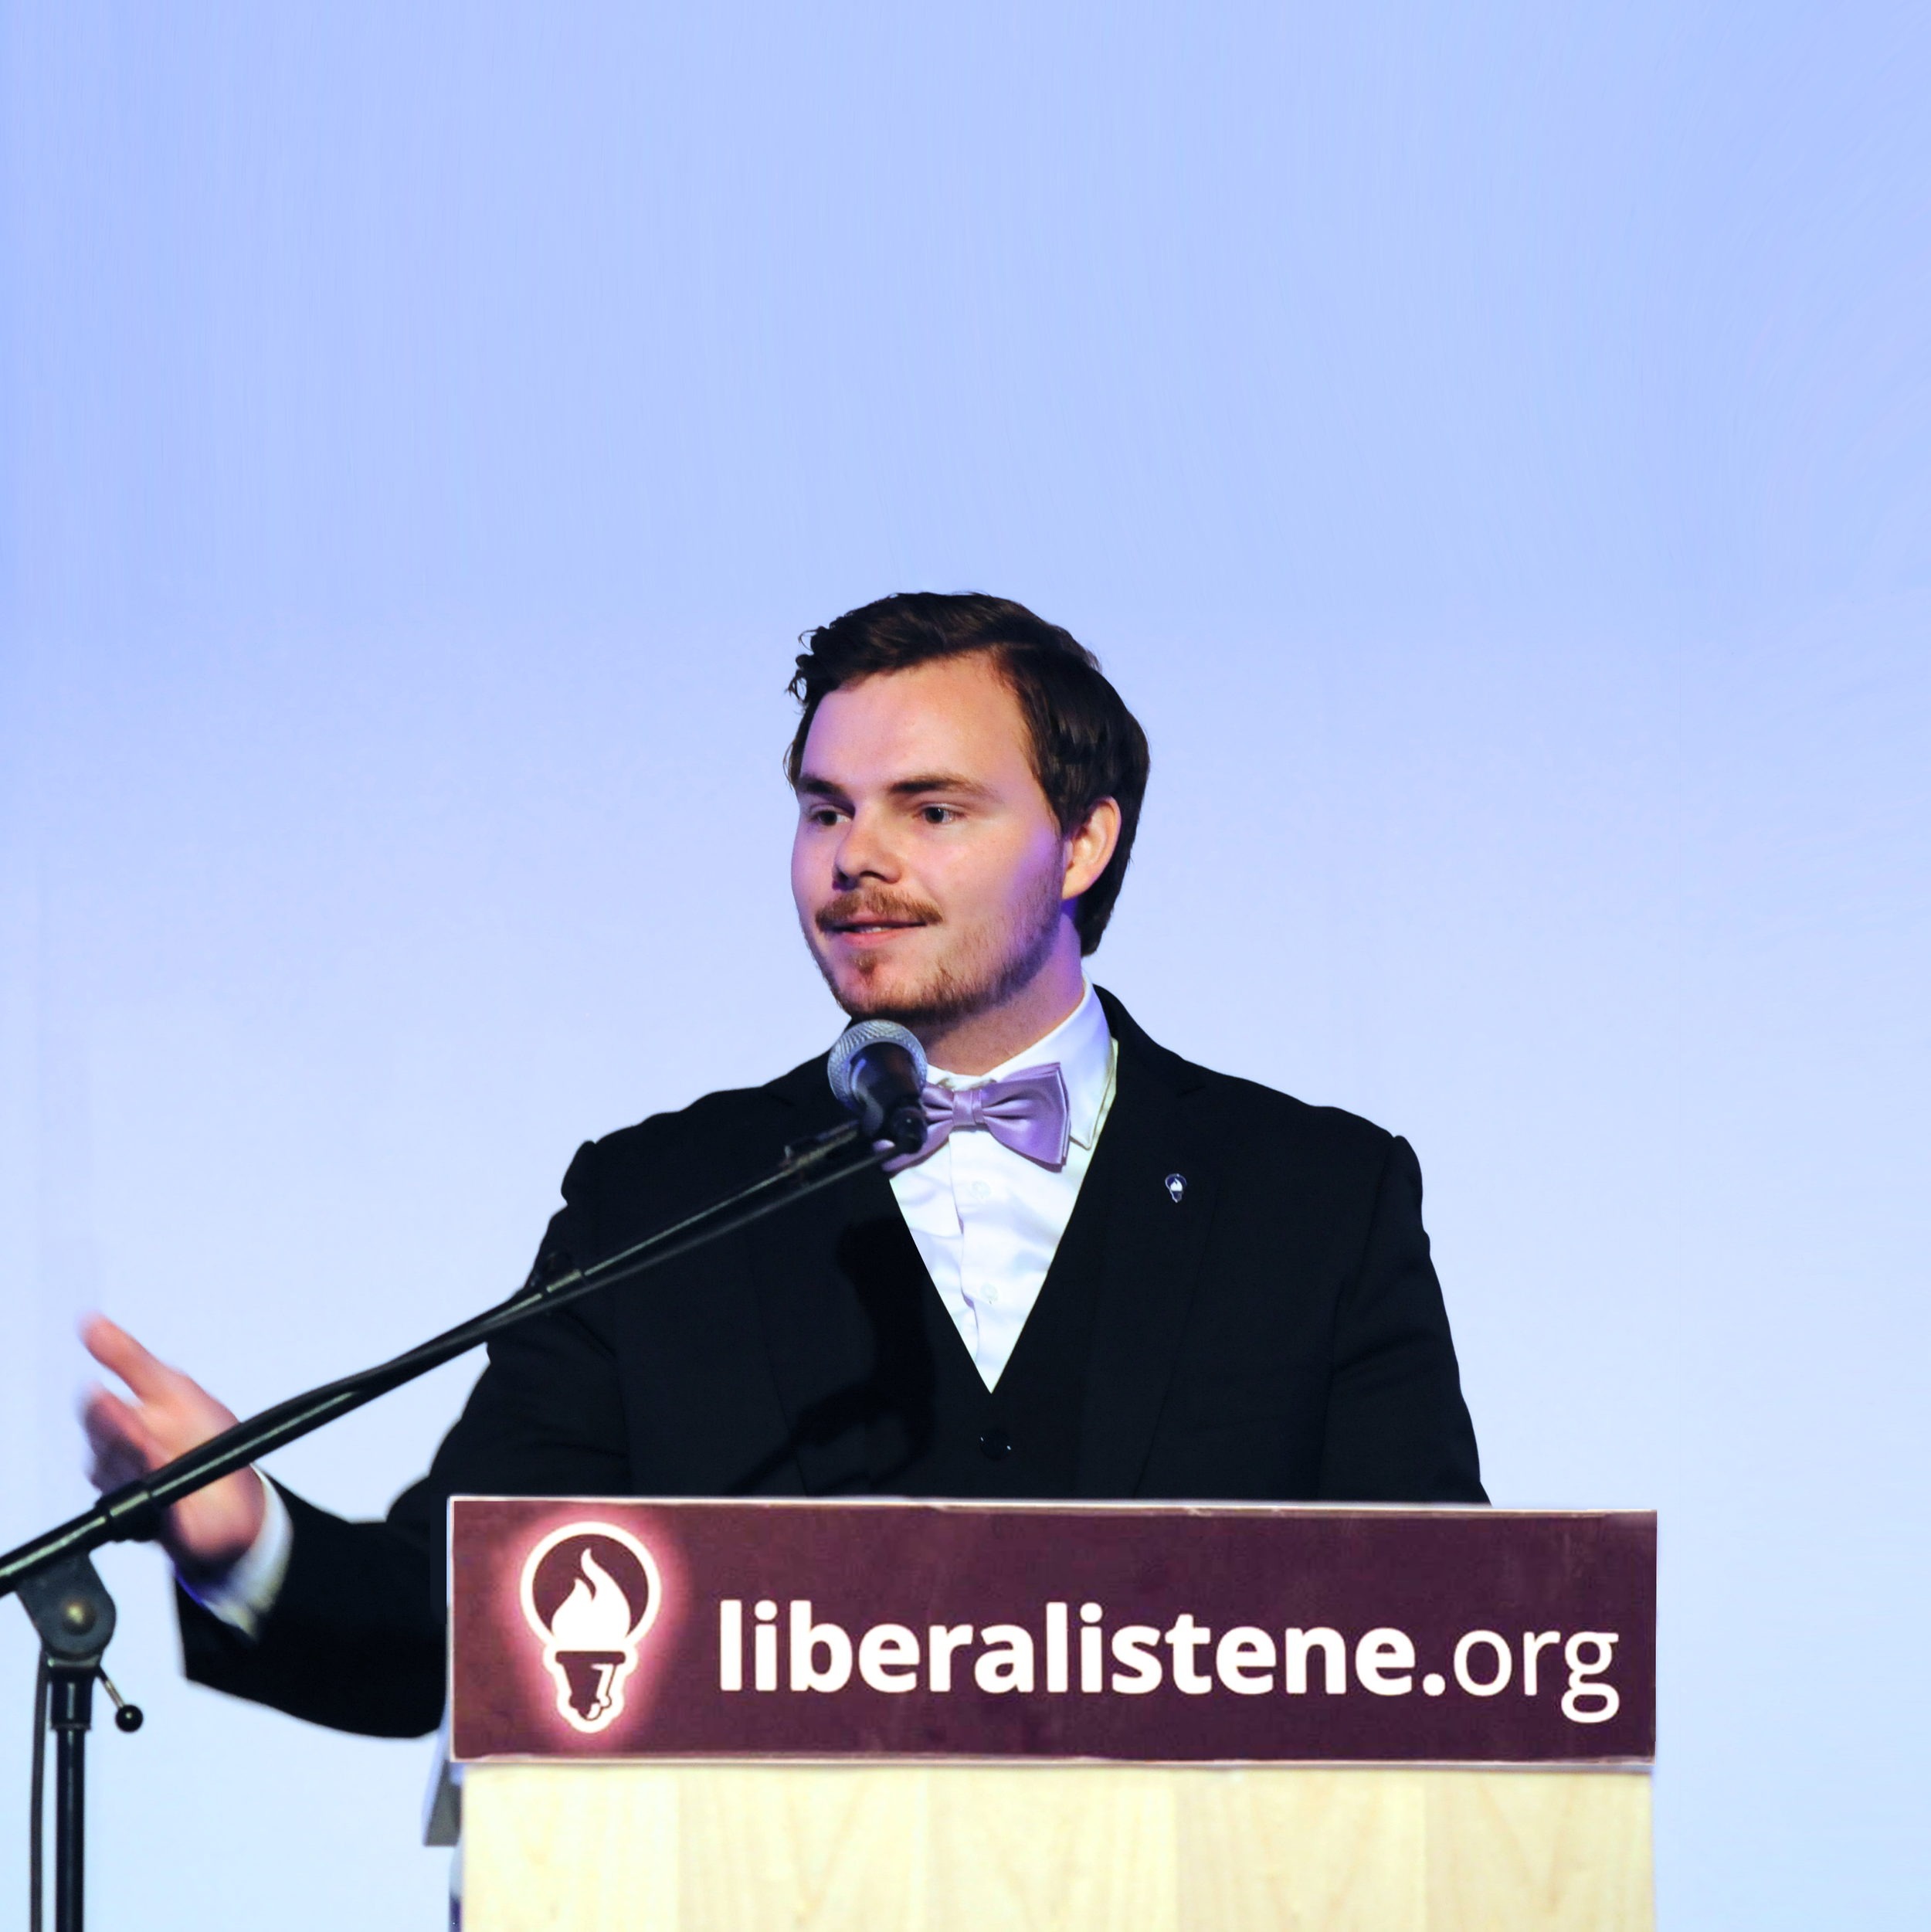 Benjamin talerstol LM politikerbruker.png